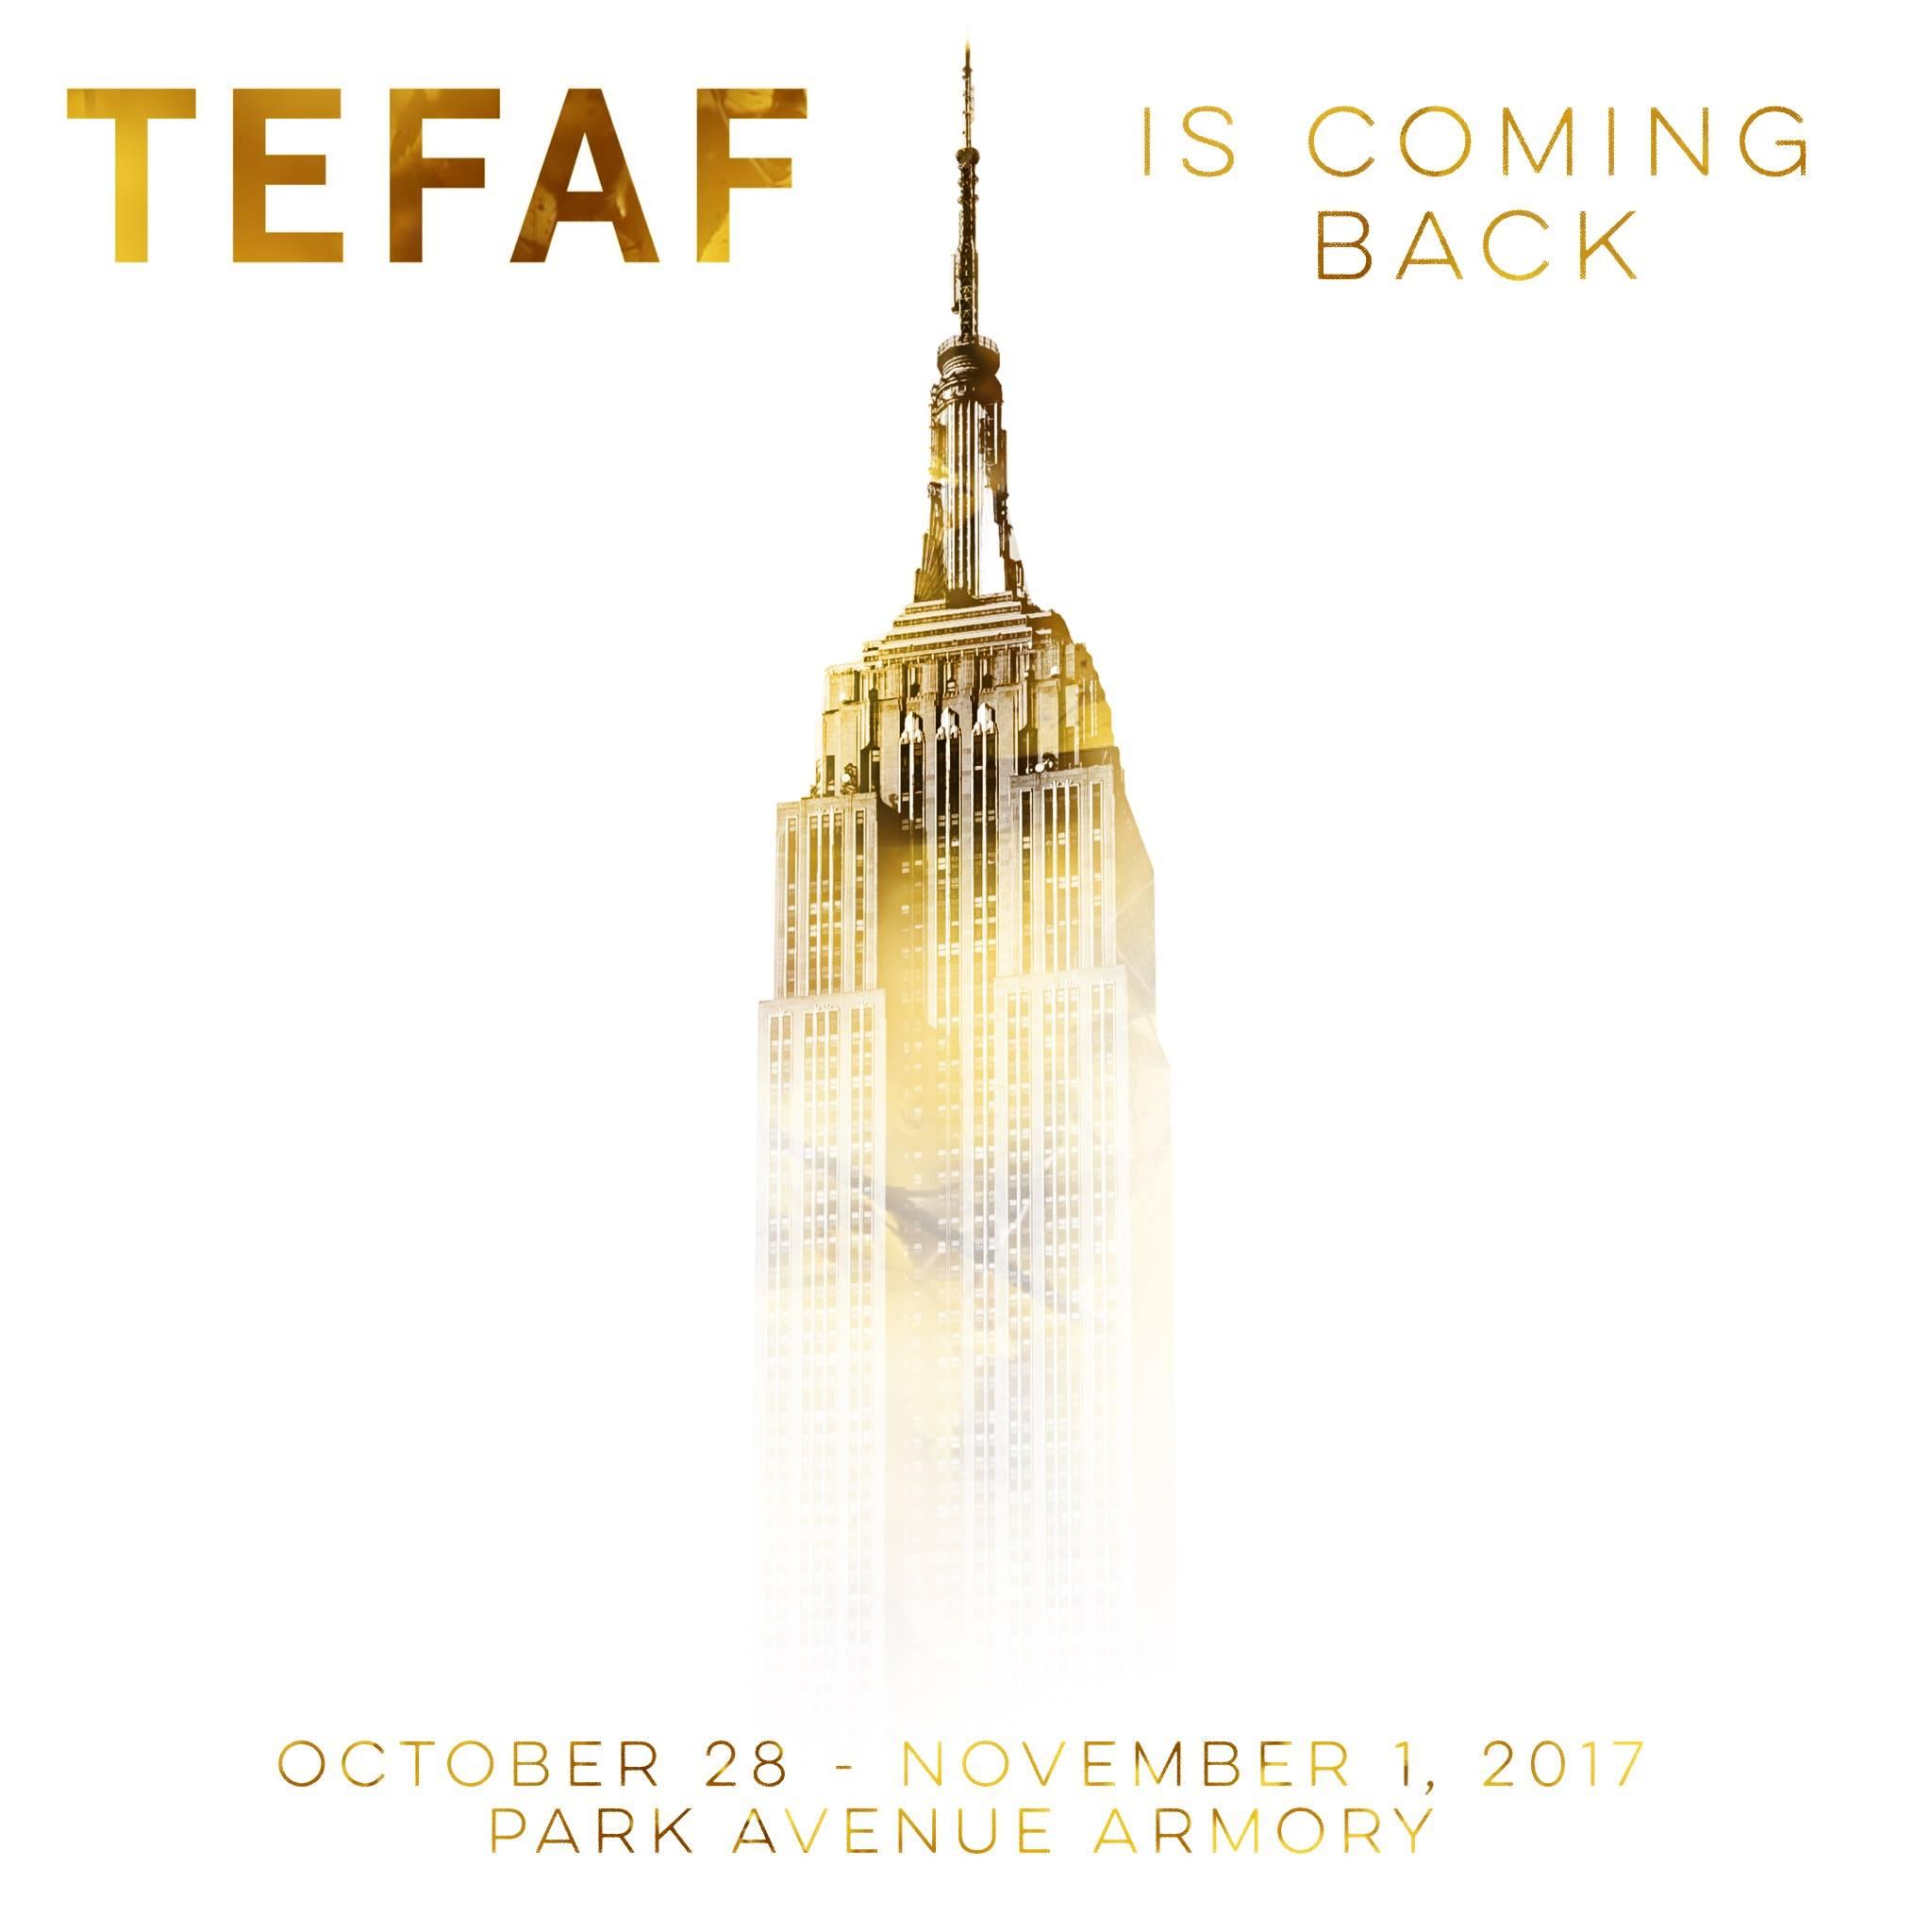 TEFAF is coming